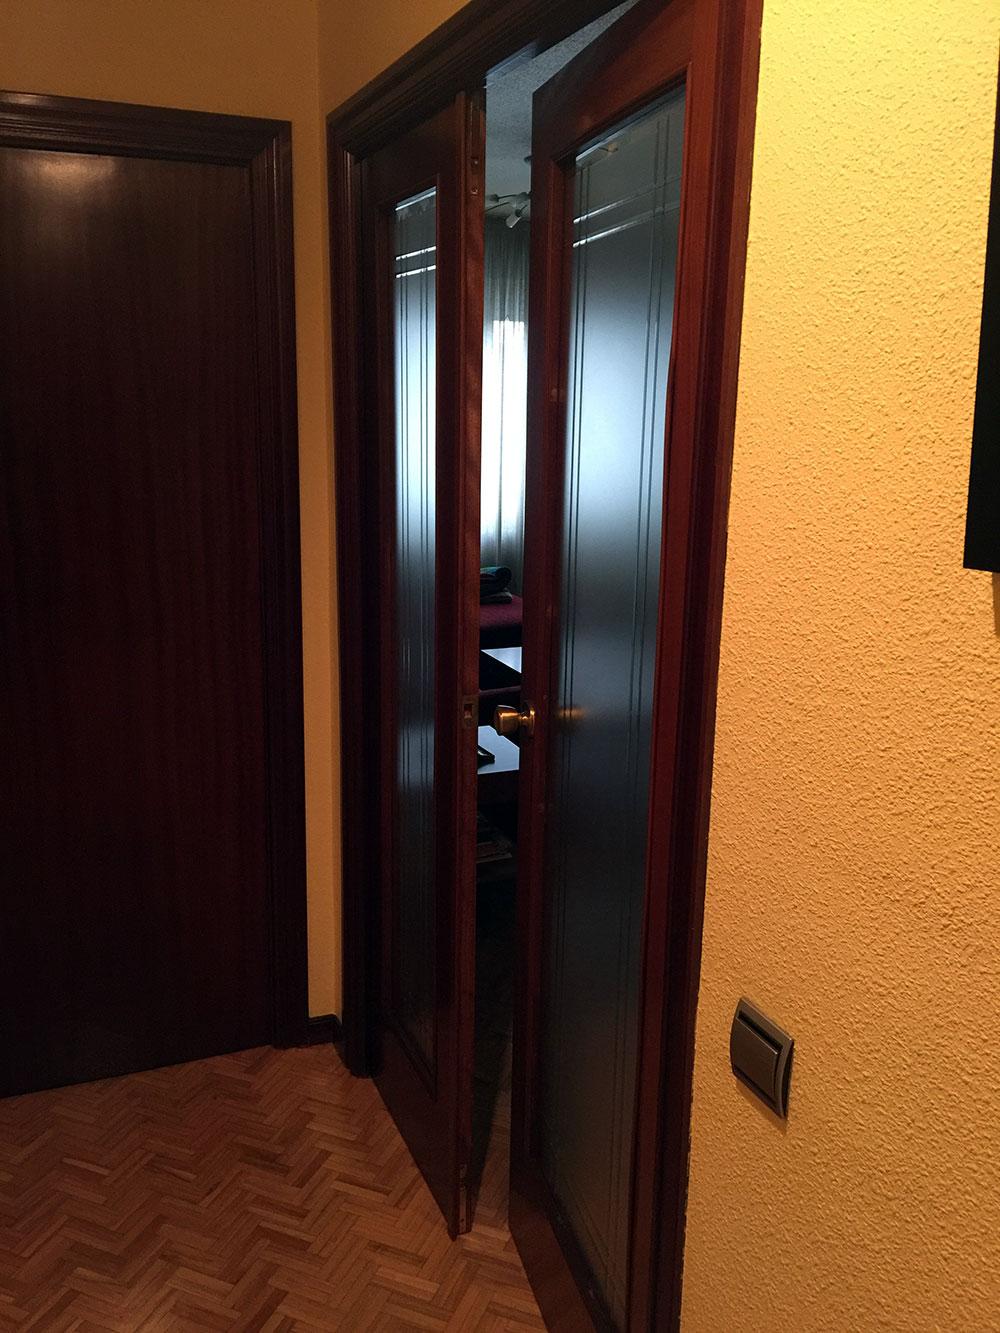 Reformas-Pamplona-Vivienda-Belate-lacado-puertas-Antes-02